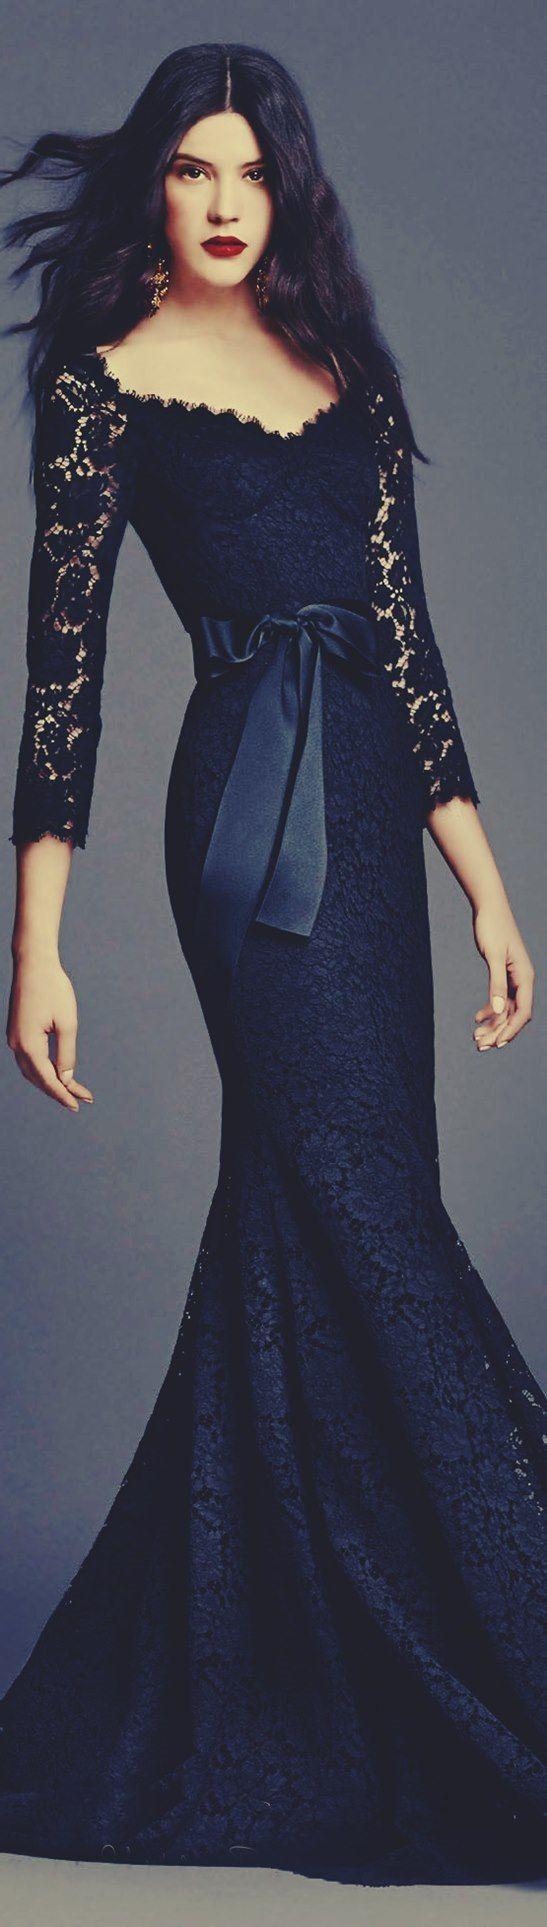 Siyah Uzun Kollu Dantel Gece Abiye Elbisesi Jpg 547 1927 Dantel Elbiseler Elbiseler Elbise